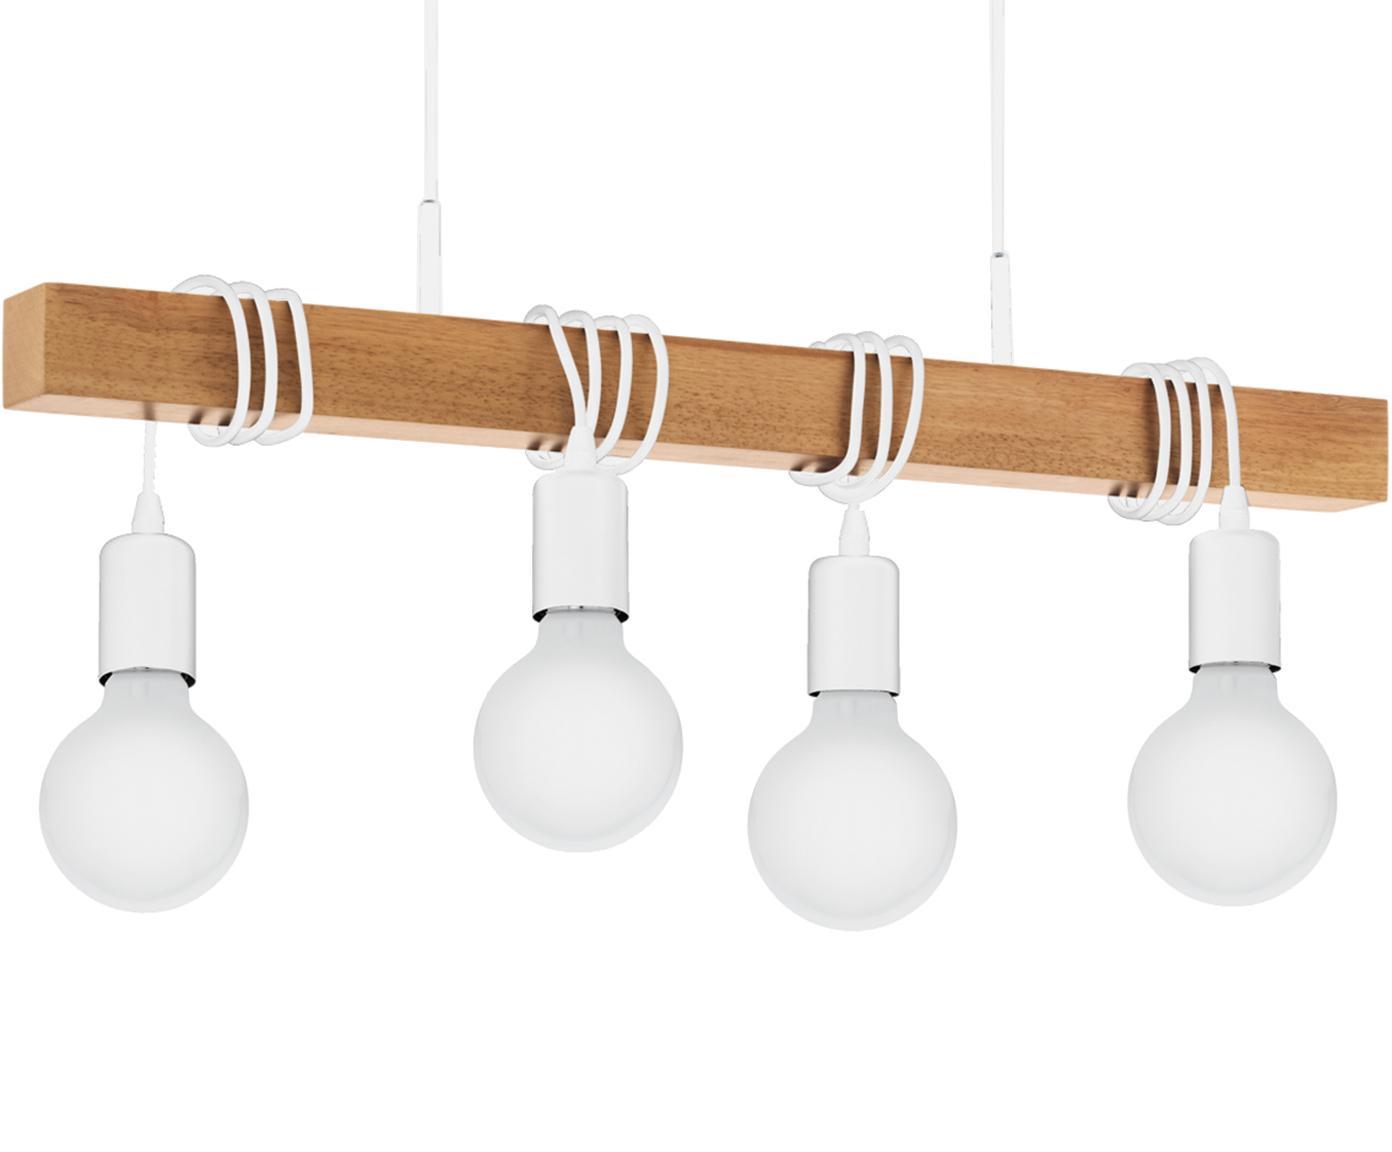 Lampa wisząca Townshend, Biały, drewno naturalne, S 70 x W 110 cm